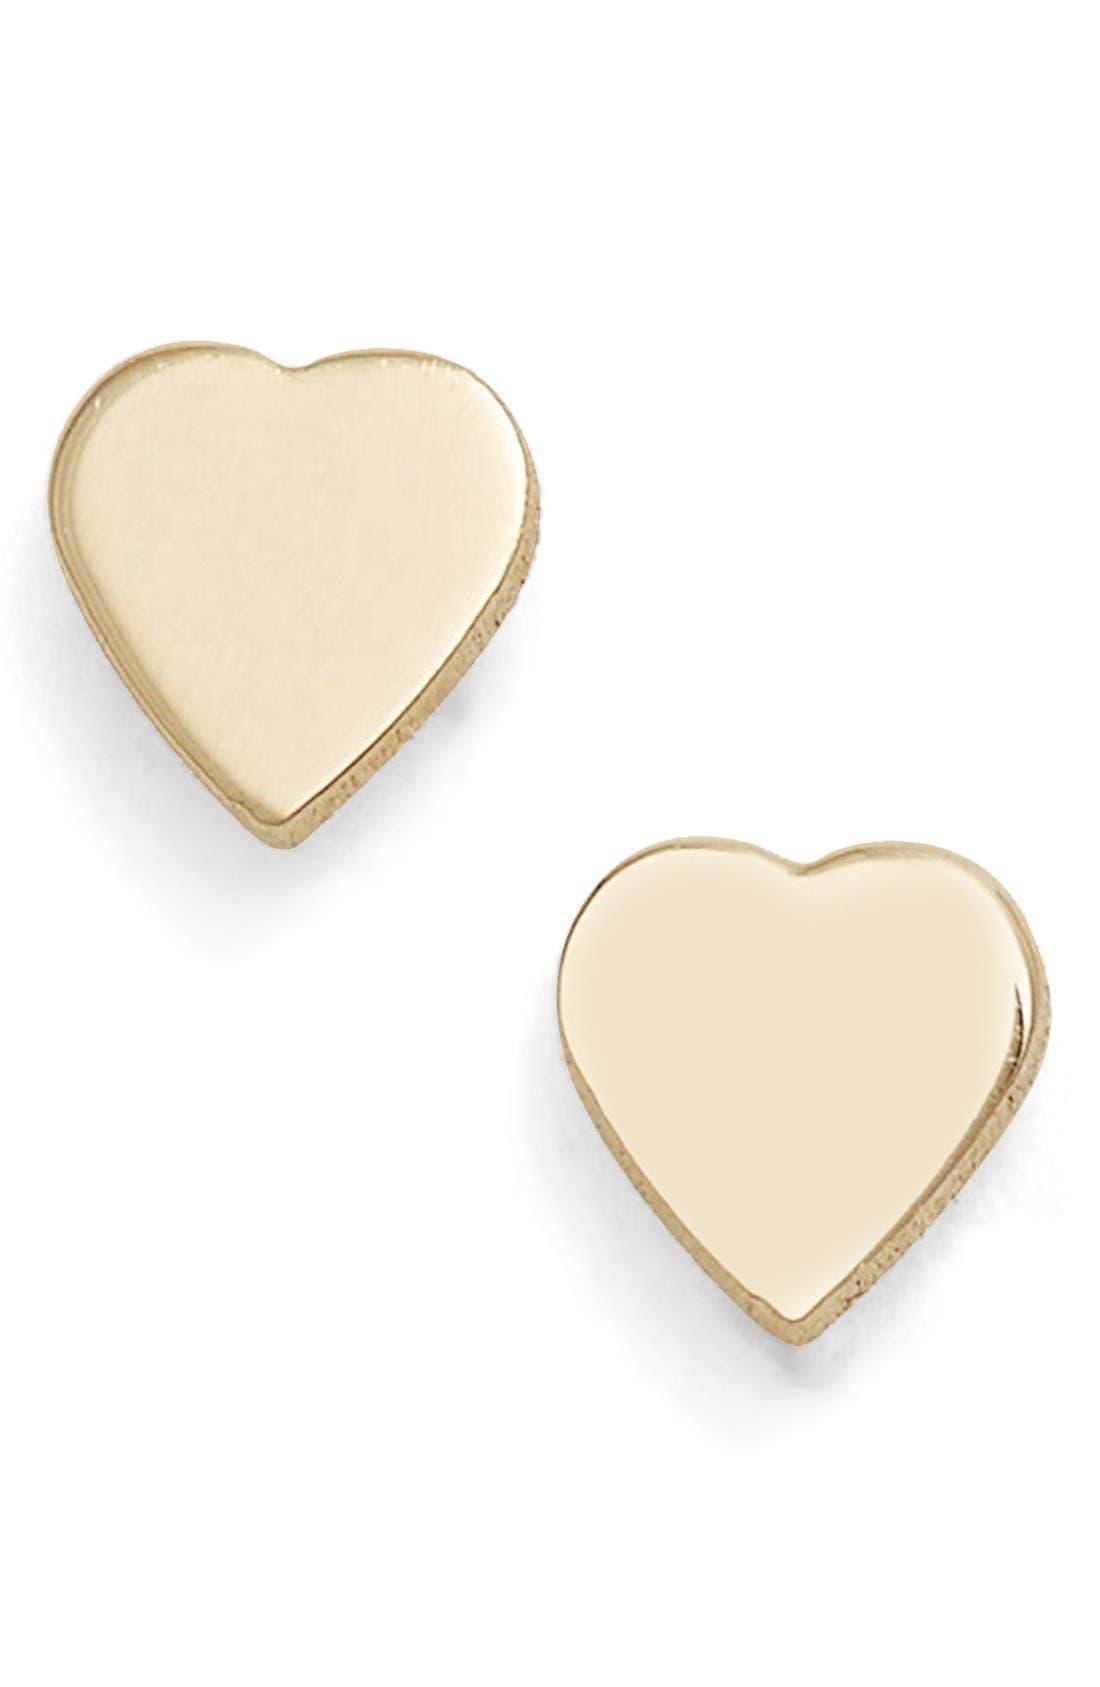 POPPY FINCH Mini Sweetheart Stud Earrings